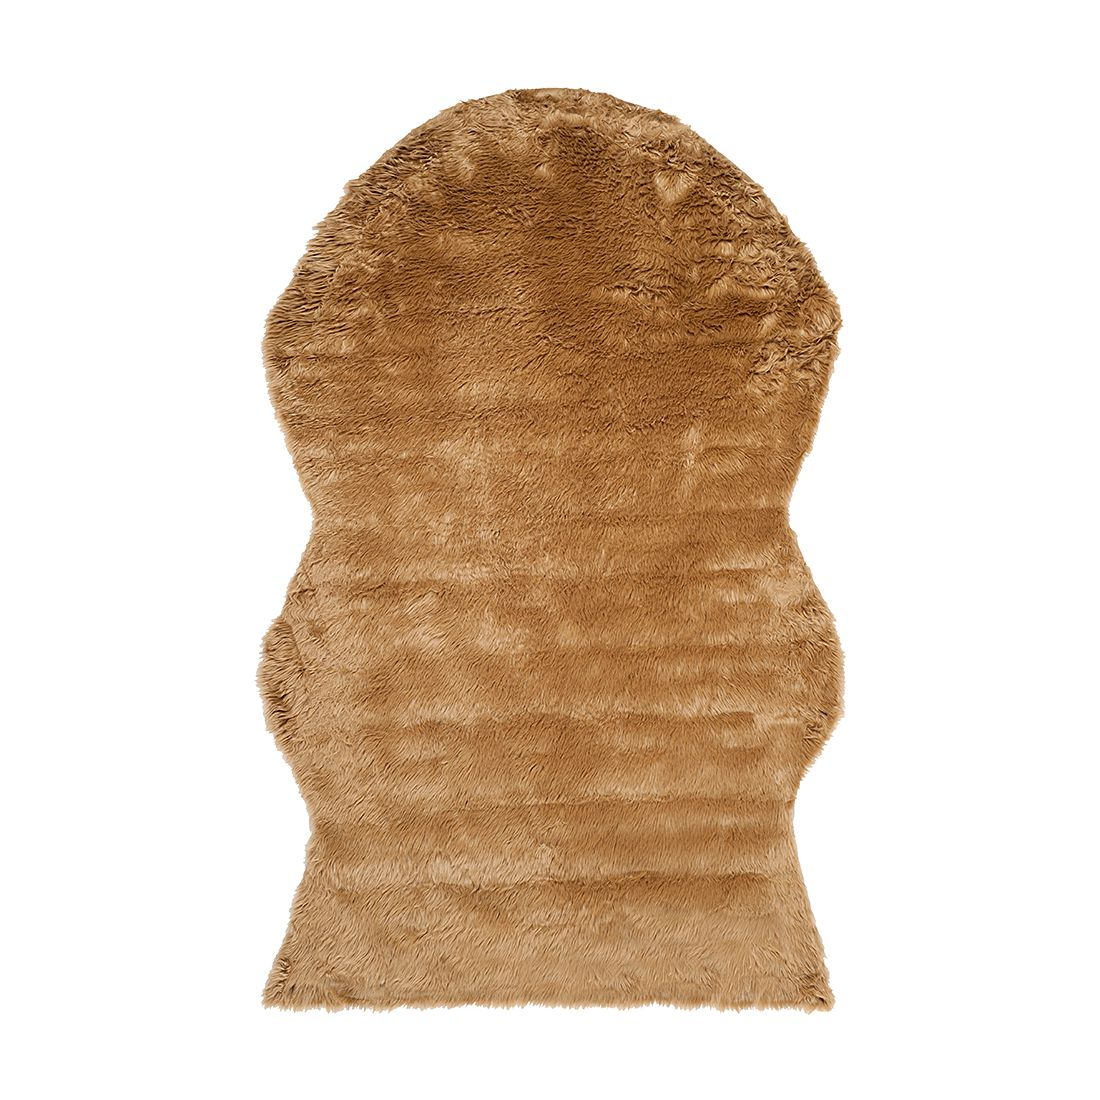 Teppich Madison – Camel – 122 x 183 cm, Safavieh online bestellen